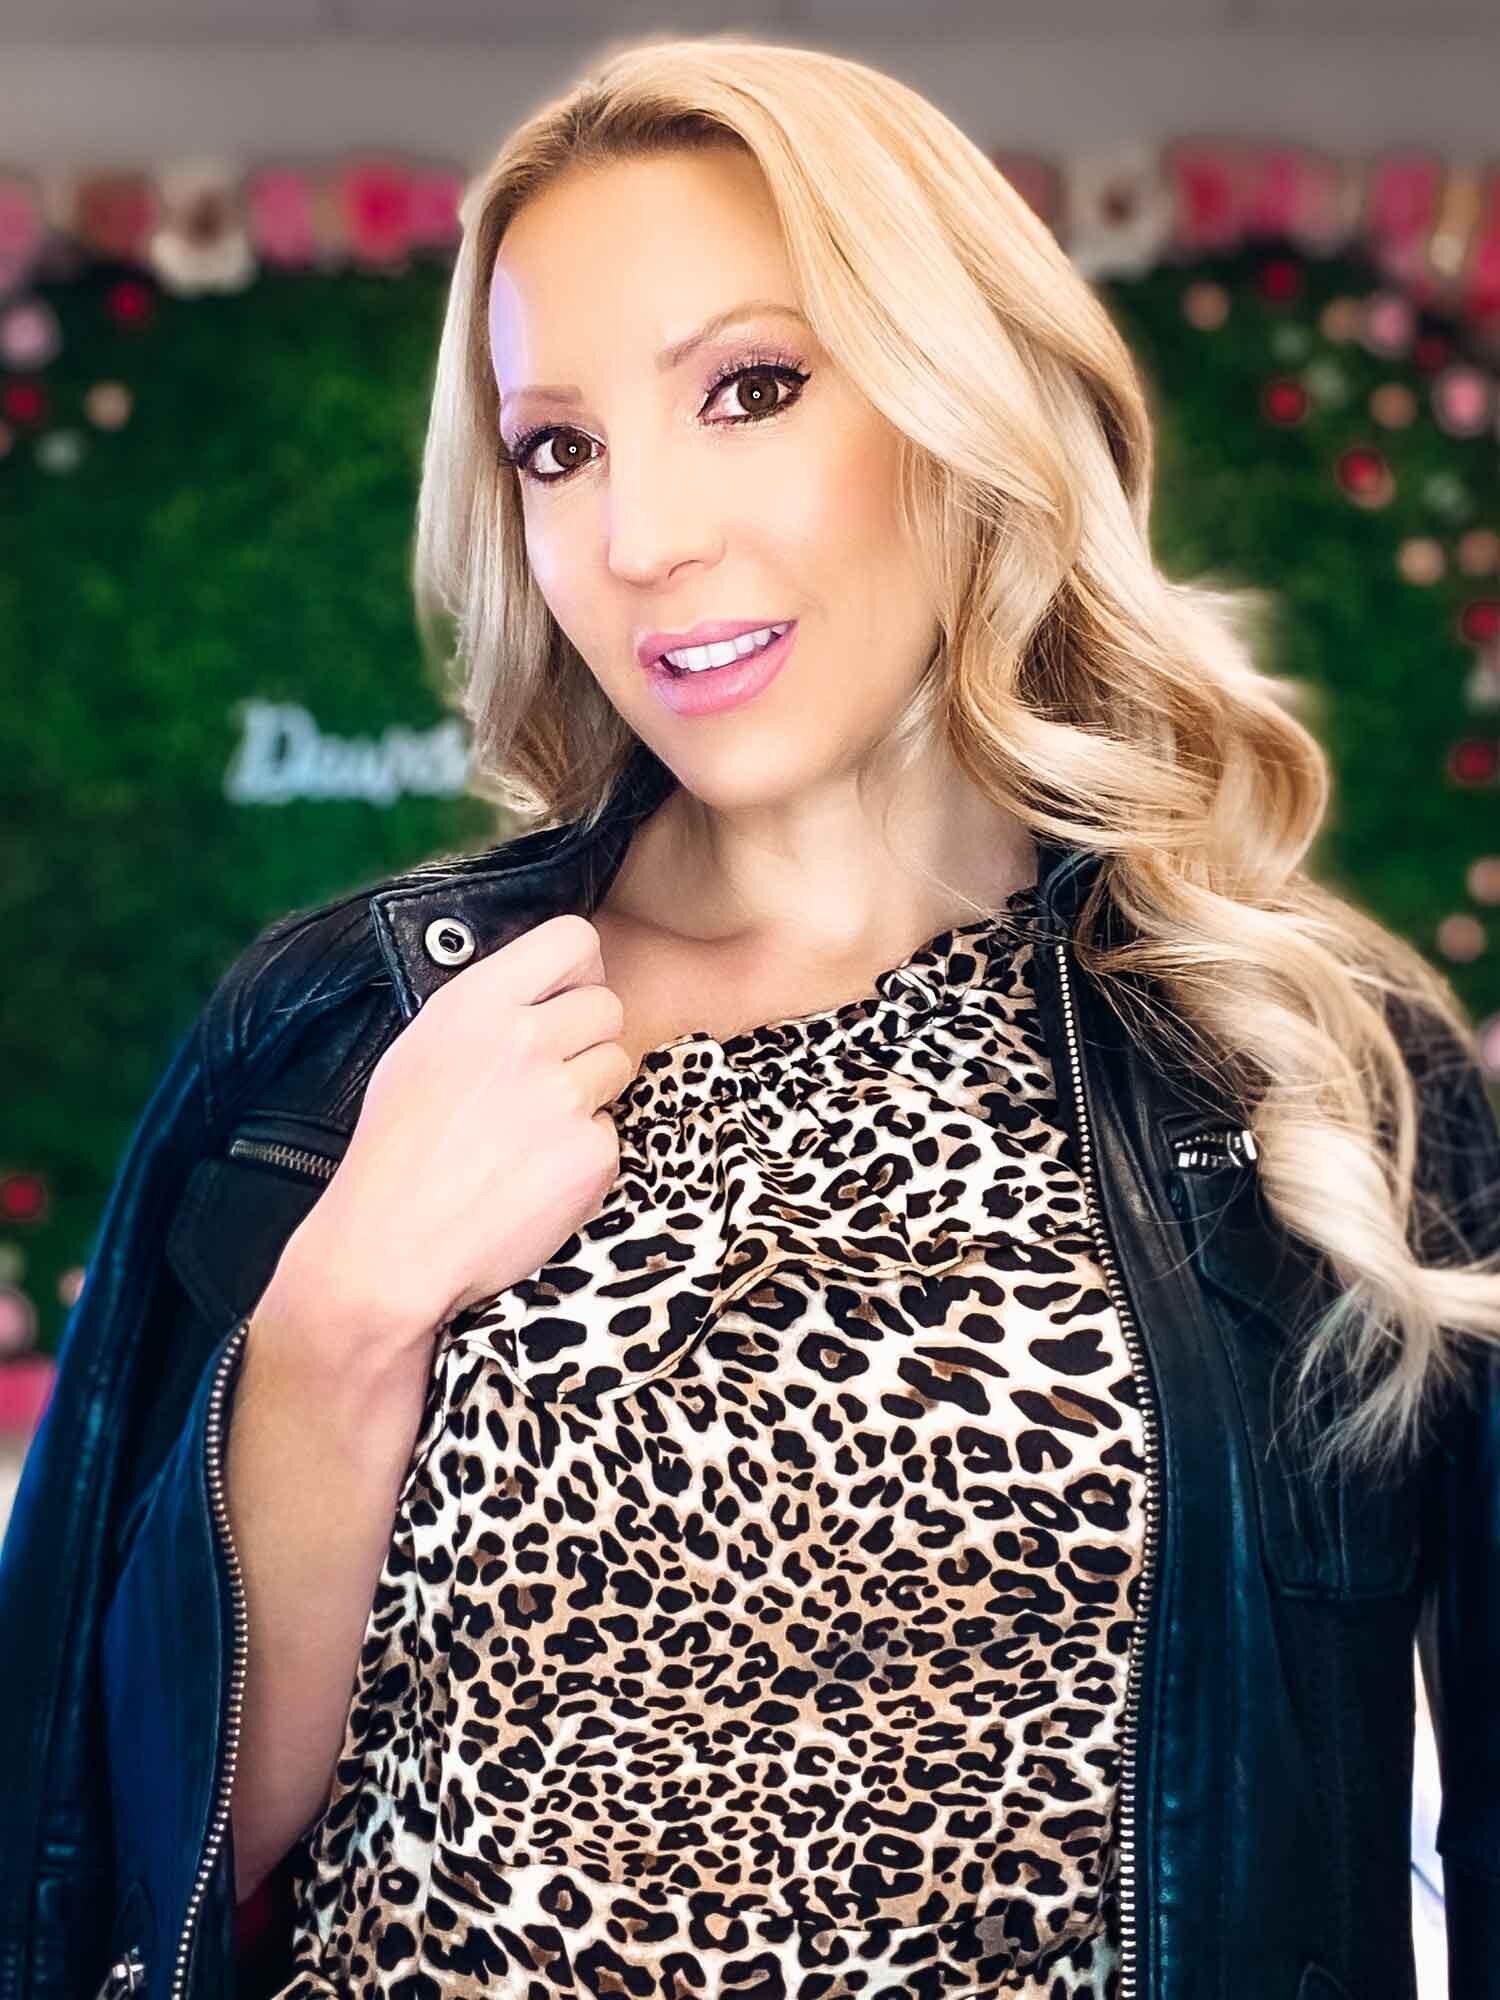 Blonde fitness model Eve Dawes animal print dress black leather jacket